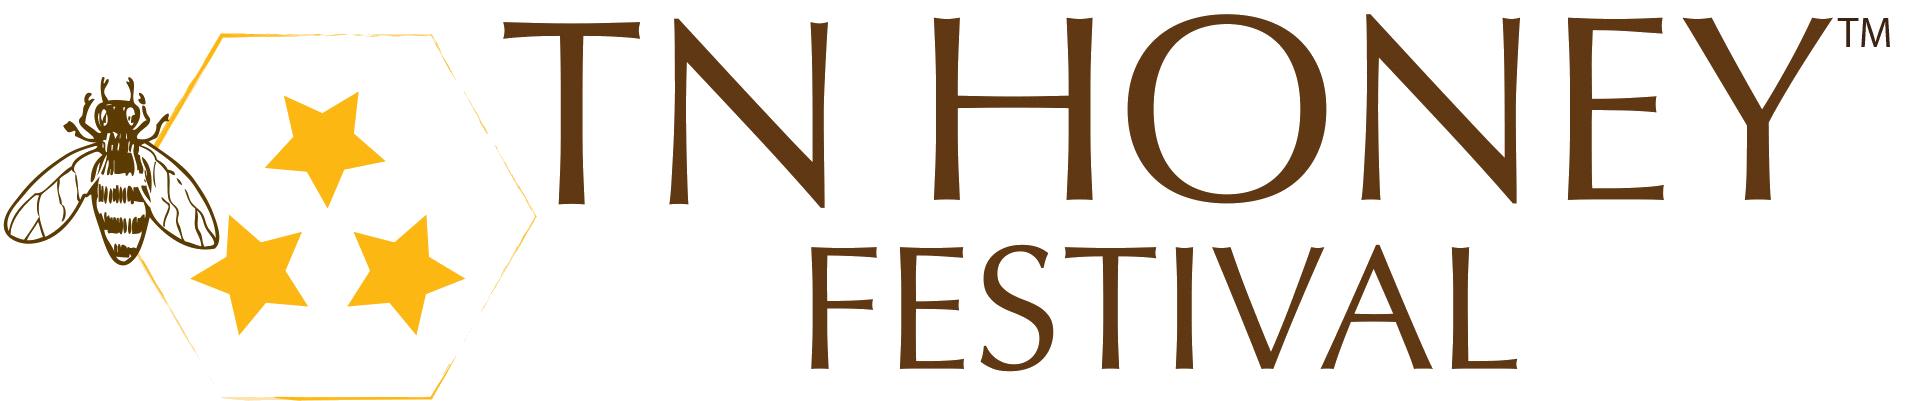 2021-tnhoney_logo